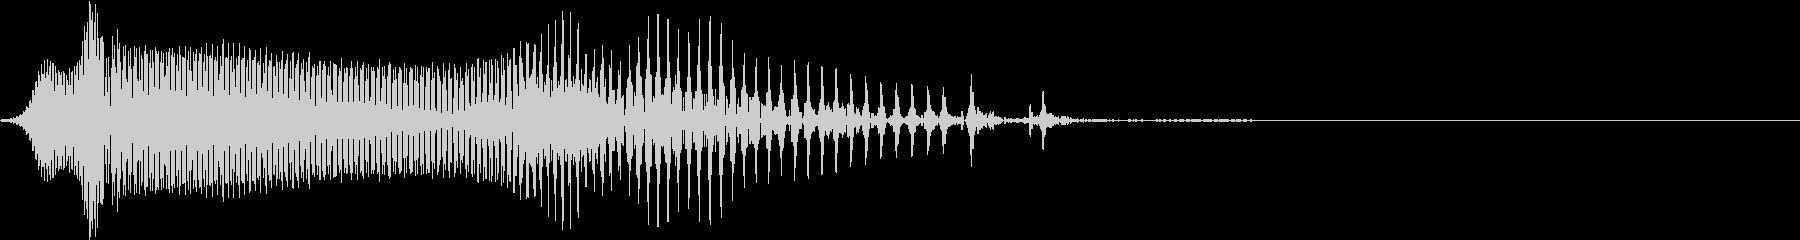 中国語 6   リョウの未再生の波形